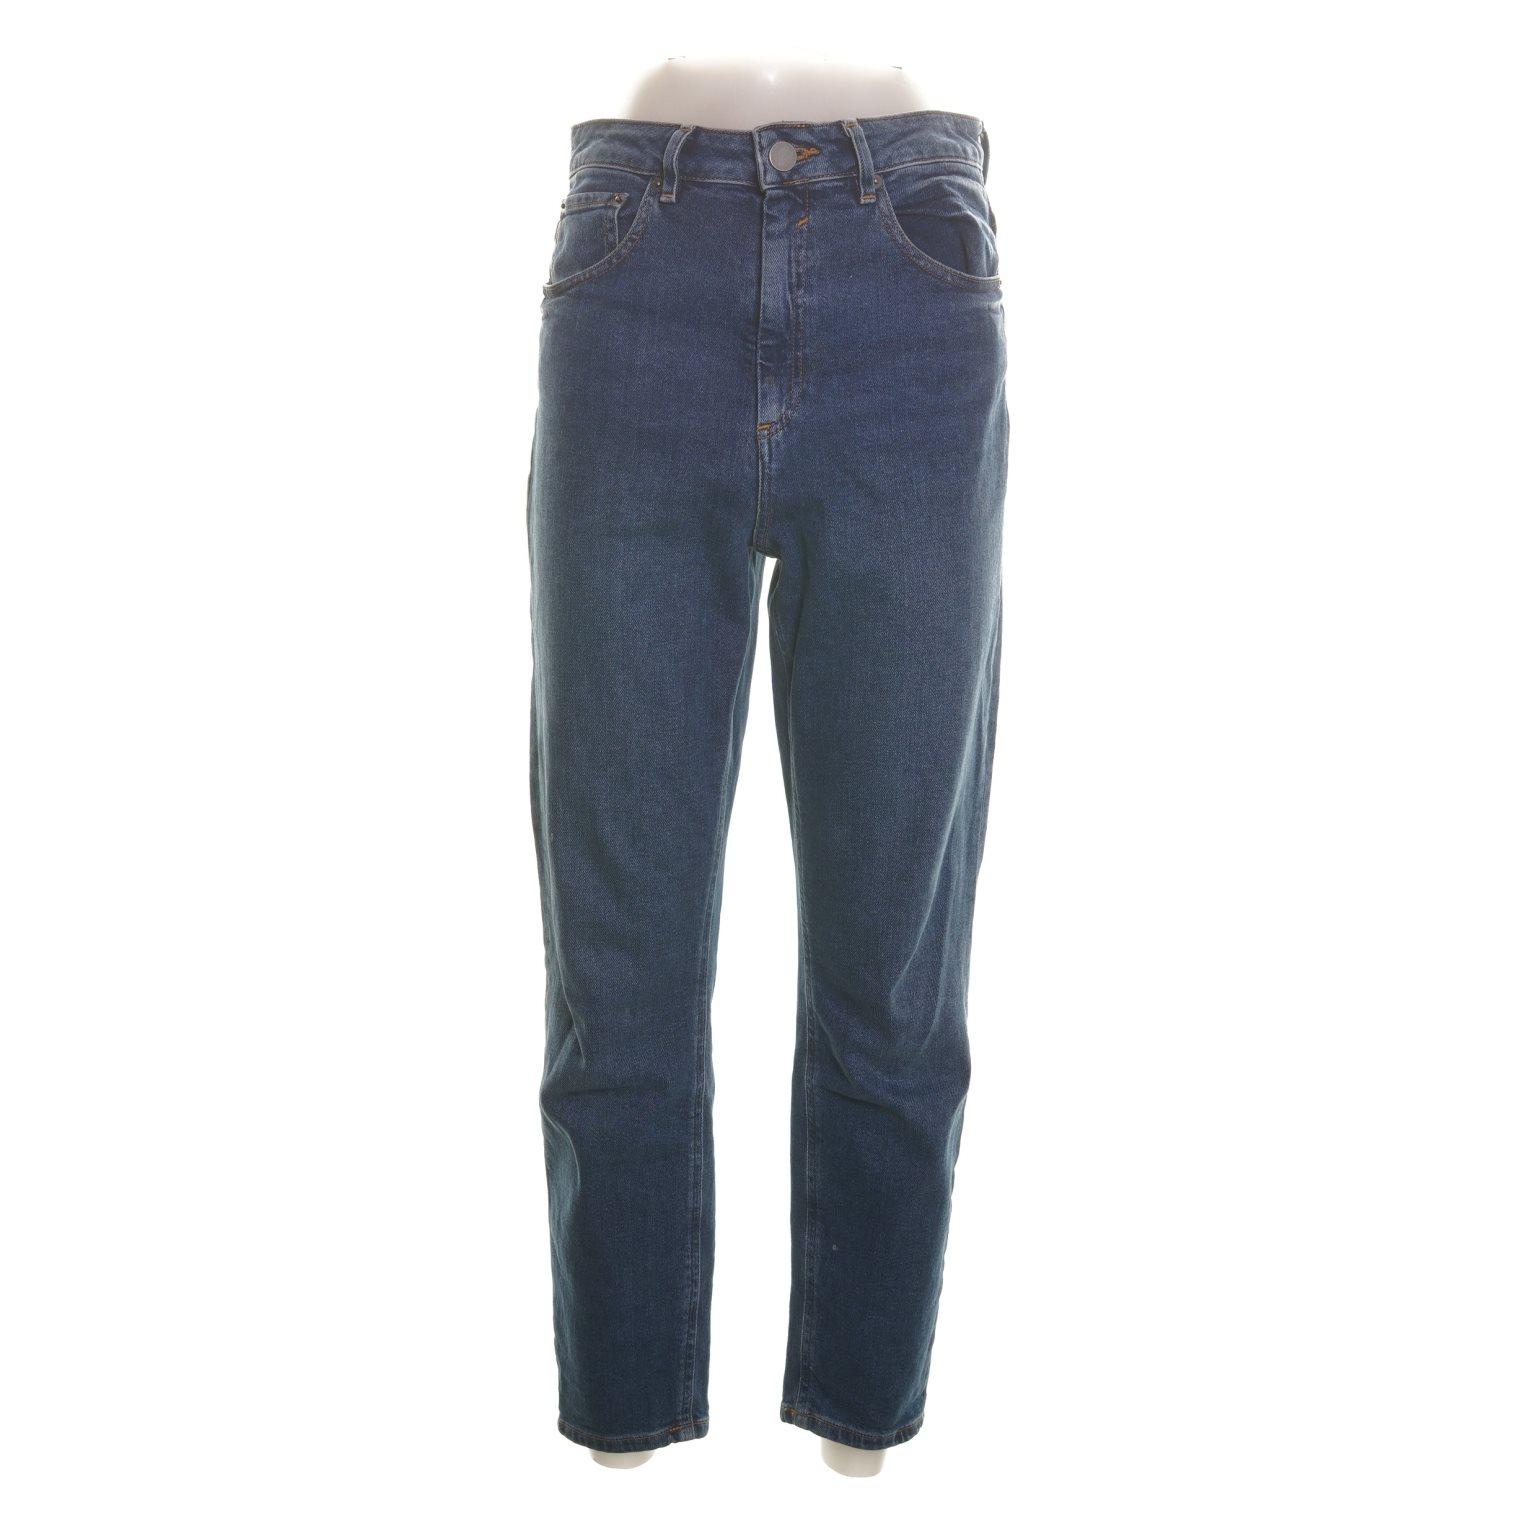 7fa61dfa ASOS denim, Jeans, Strl: 28/30, Blå (341664453) ᐈ Sellpy på Tradera